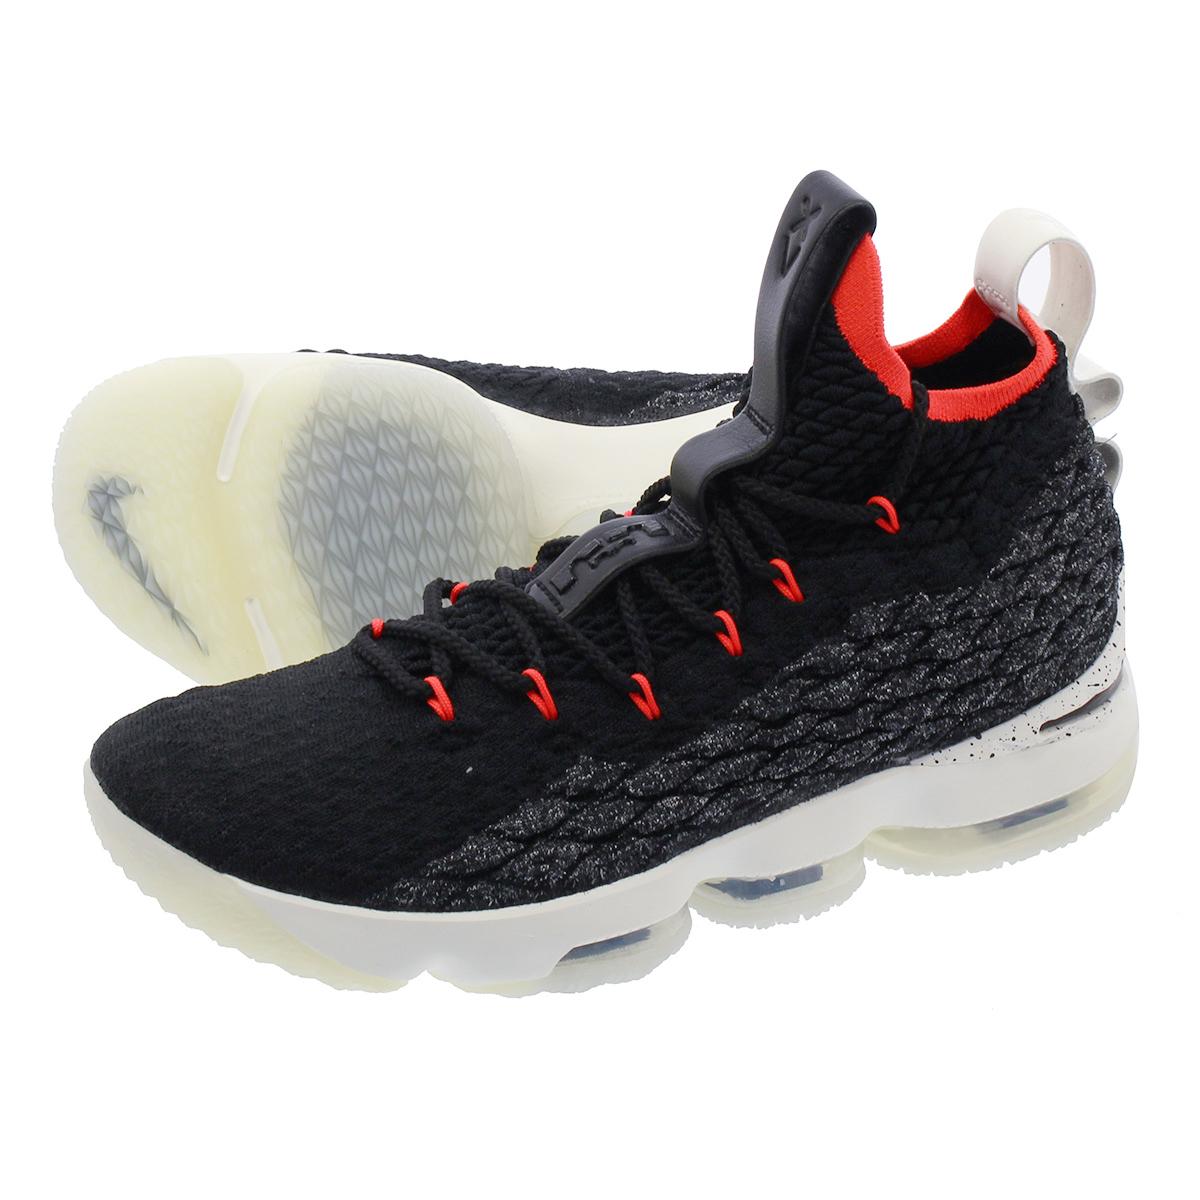 timeless design 85574 a9704 NIKE LEBRON 15 Nike Revlon 15 BLACK/SAIL/BRIGHT CRIMSON aq2363-002